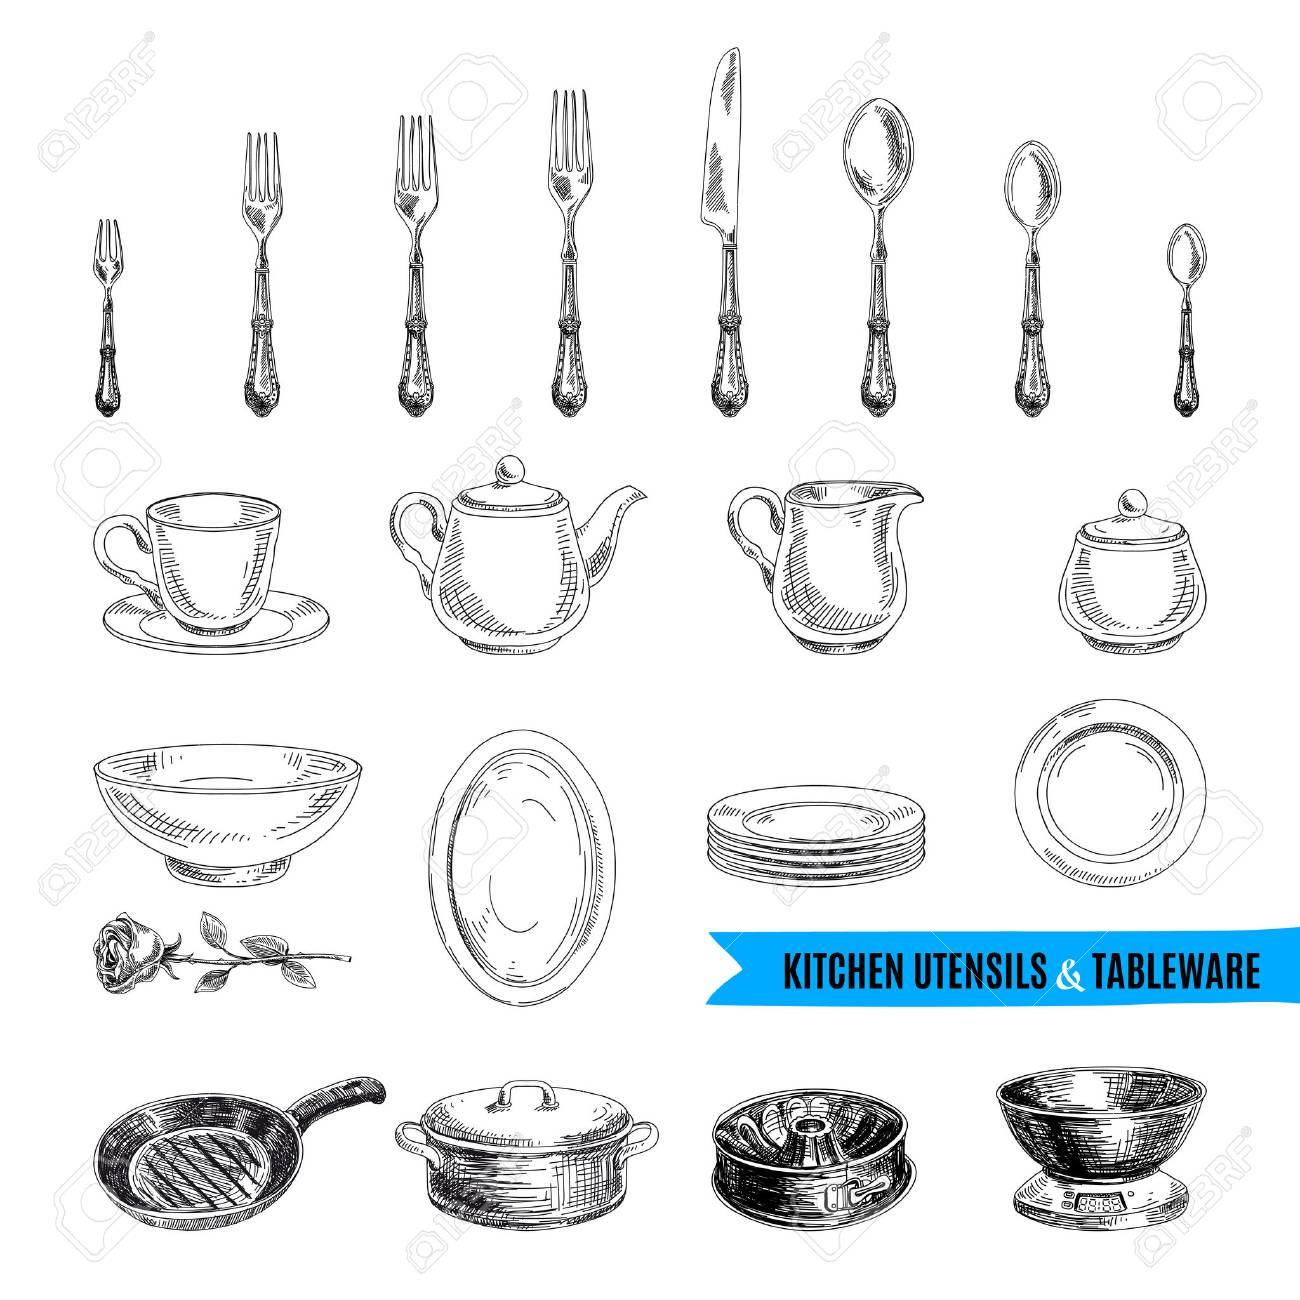 archivio fotografico vector a mano illustrazione disegnata con gli strumenti della cucina schizzo